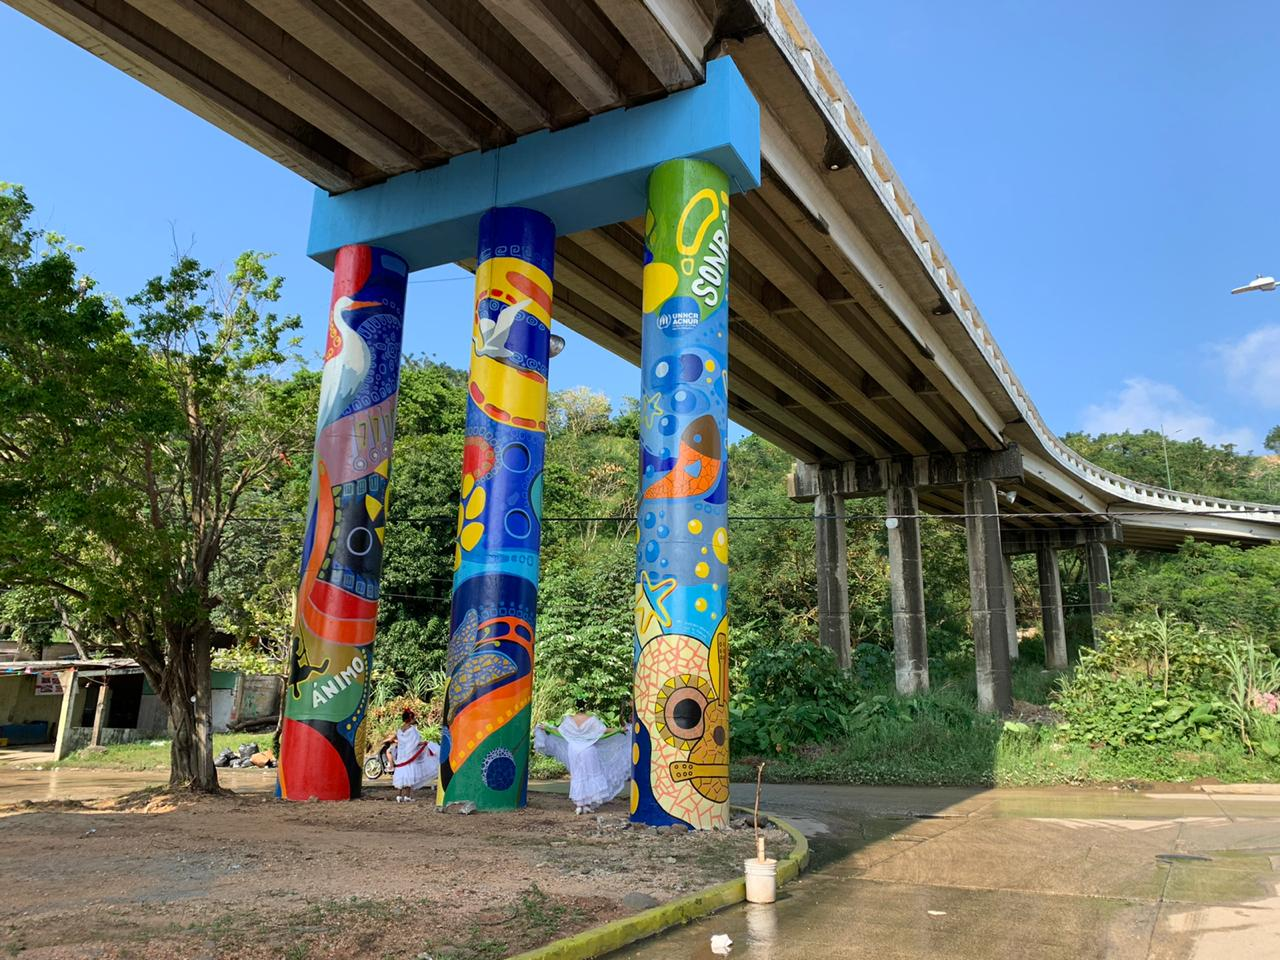 Artista plástico sureño embelleció área donde se reúnen migrantes, en Coatzacoalcos